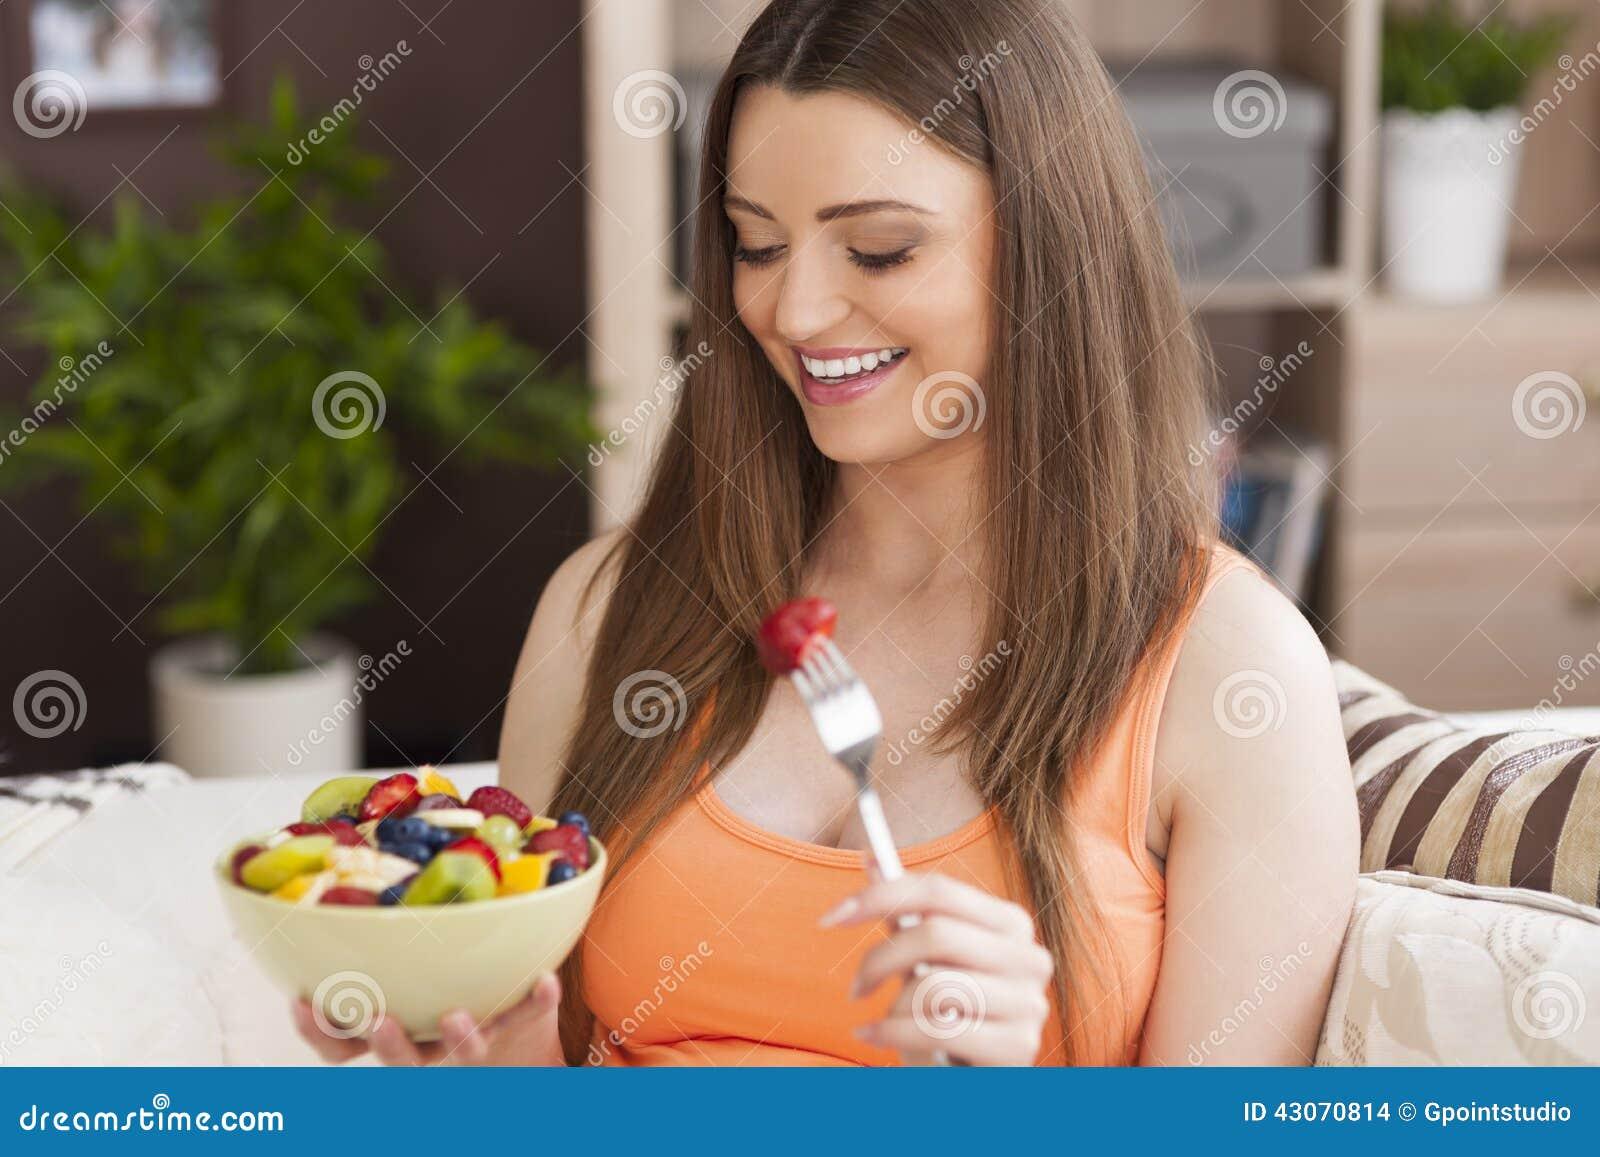 Беременная женщина с свежими фруктами